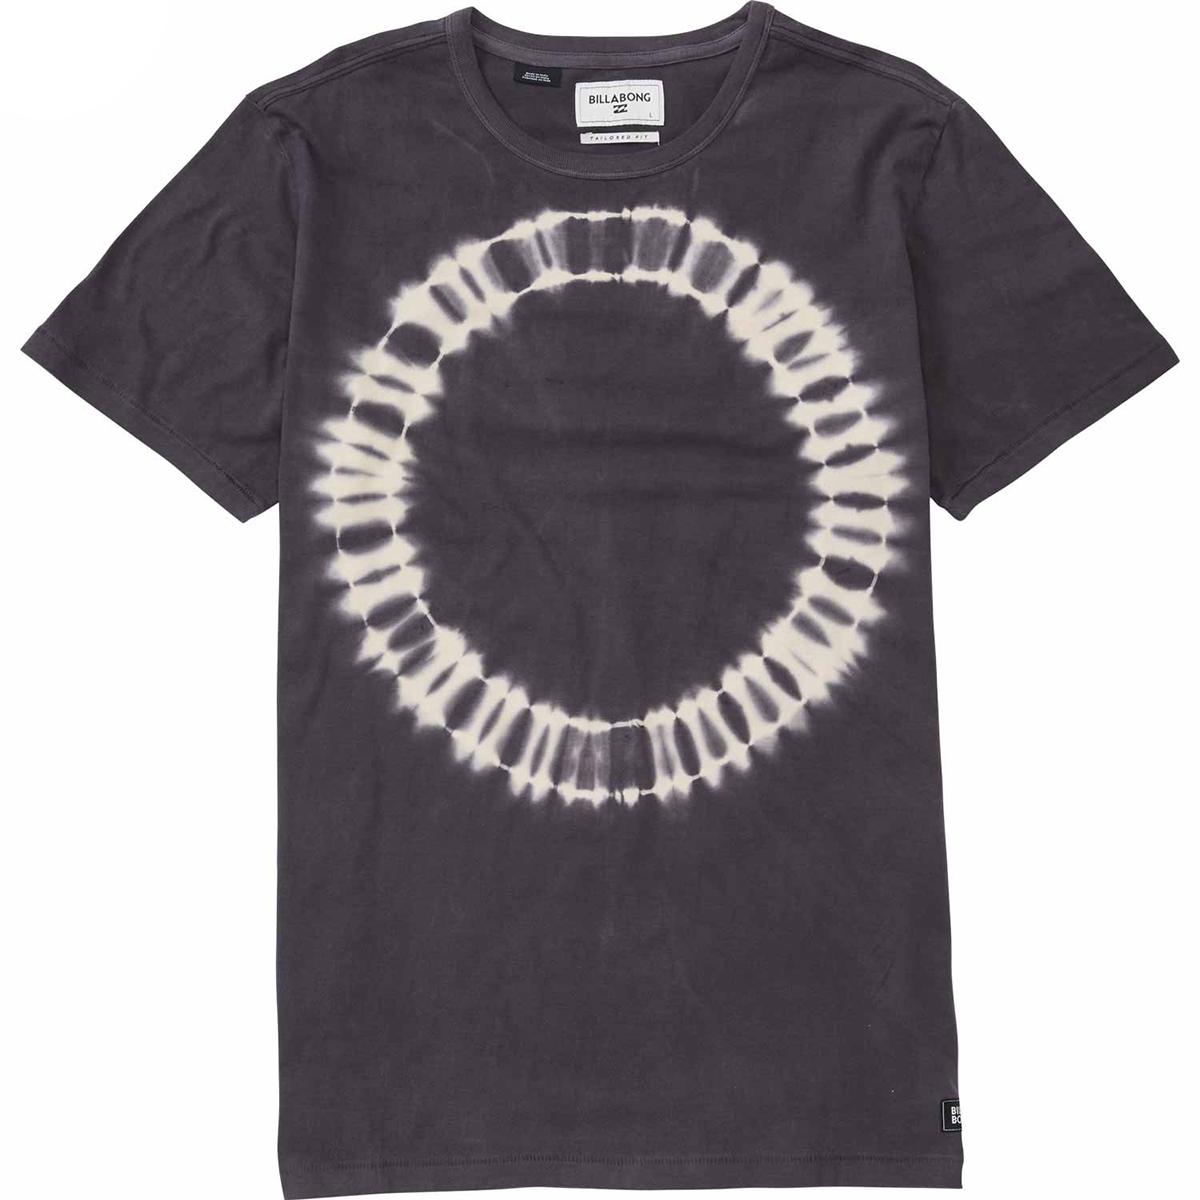 New RIOT SS CREWФутболки и Поло<br>Вареный дизайн этой футболки станет прекрасным дополнением летнего образа.<br><br><br>Особенности:<br><br>Мужская футболка<br>Прямой крой<br>Округленный вырез горловины<br>Вареный дизайн<br>Фирменный ярлычок Billabong<br>Состав: 100% хлопок.<br><br>Сезон: SS17<br>Артикул: 69940<br>Цвет: ASPHALT<br>Пол: МУЖ<br>Пол: Мужcкое<br>Размер: S<br>Тип вещи: ФУТБОЛКА